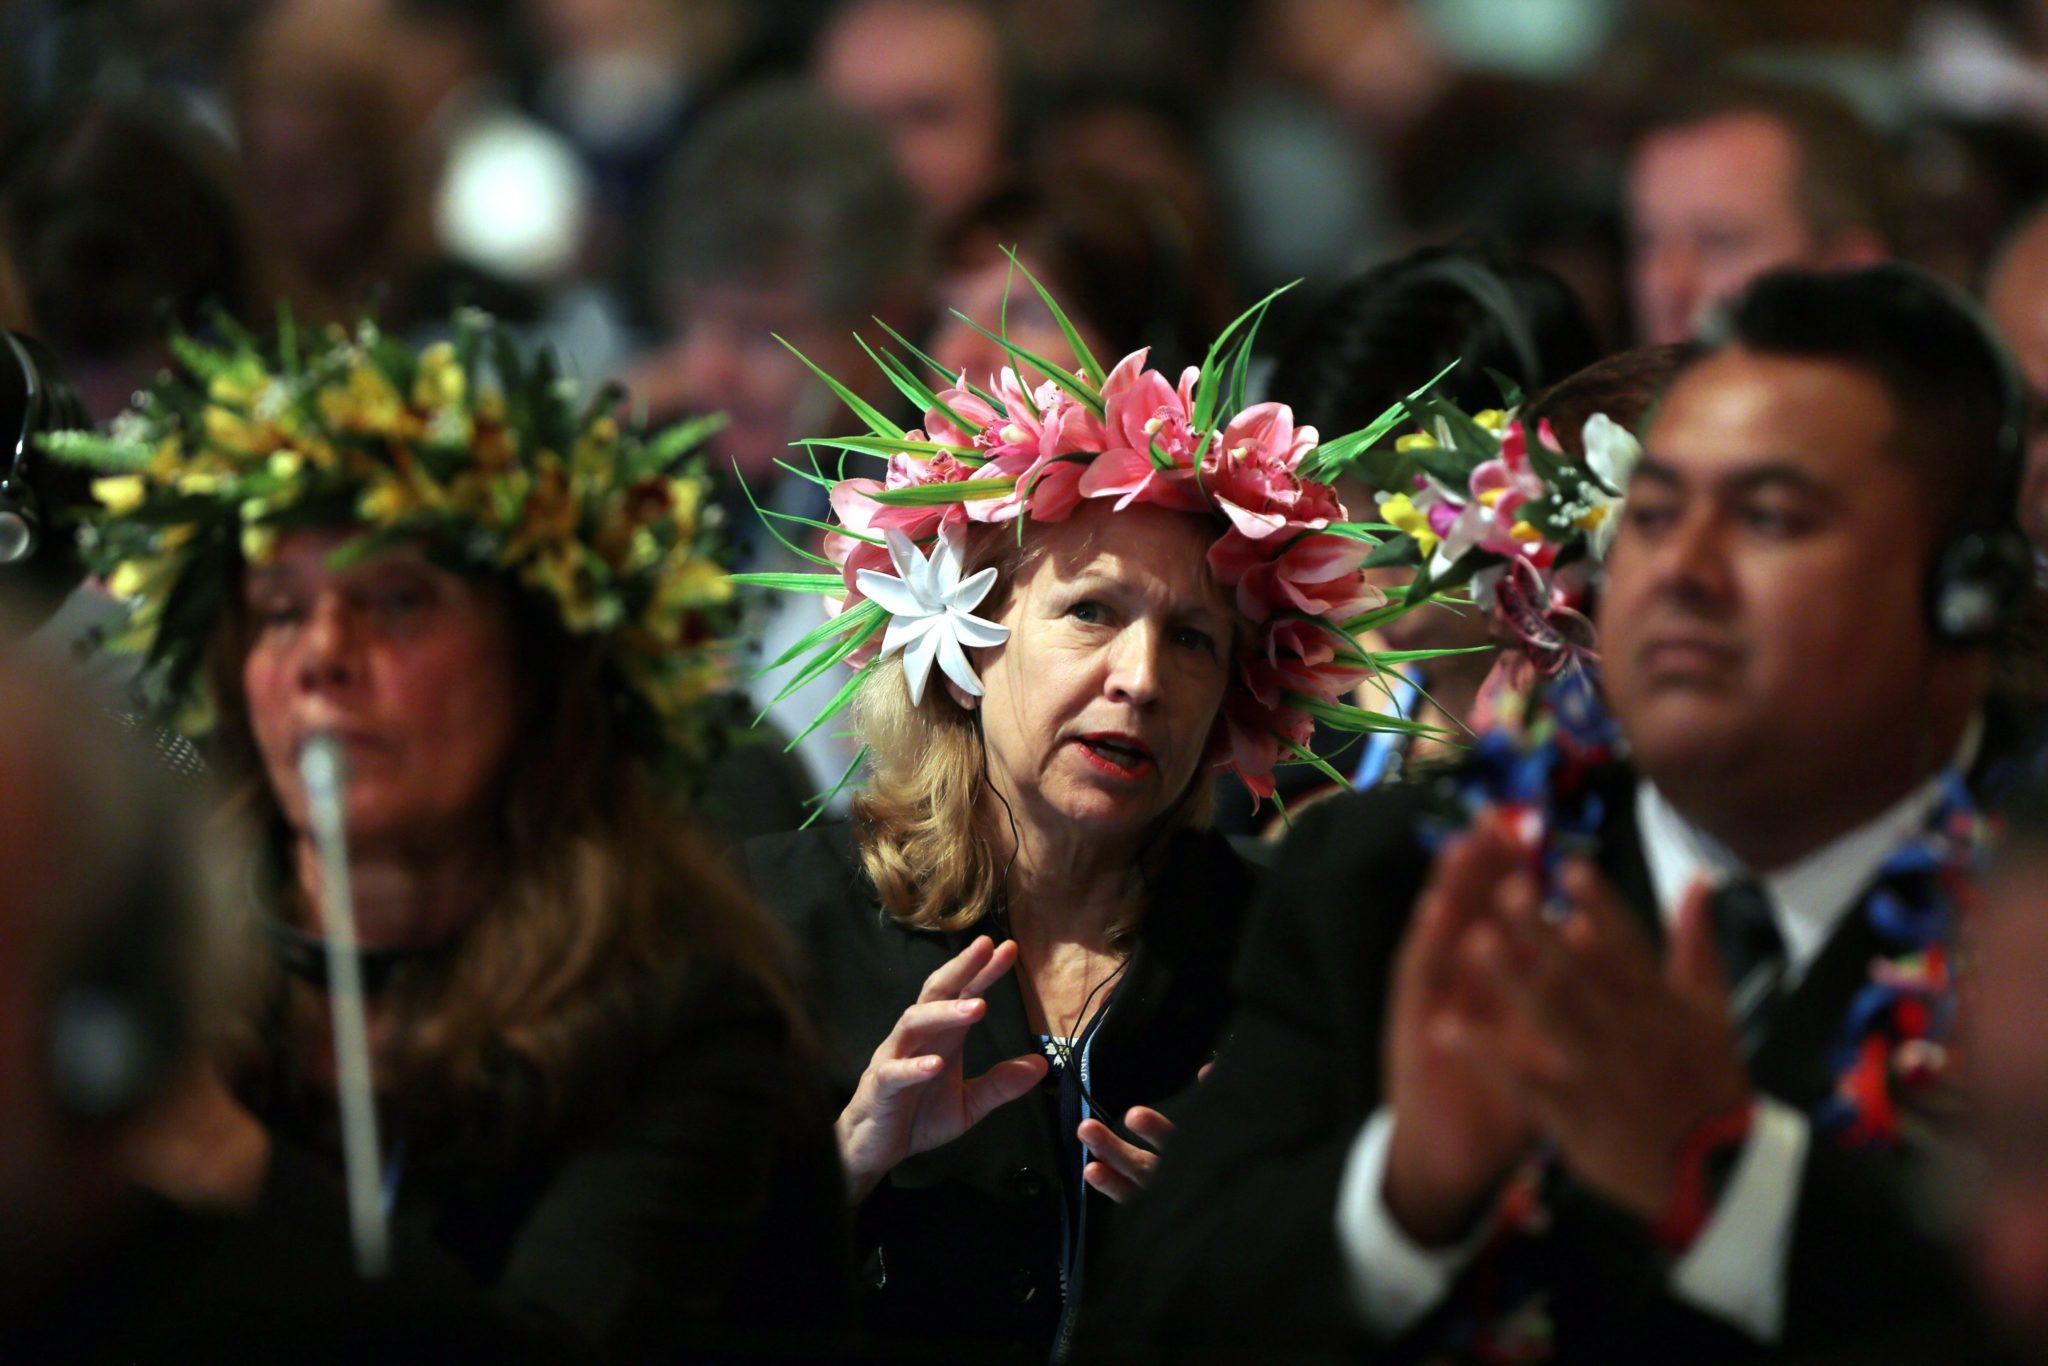 Maroko: konferencja klimatyczna ONZ w Maroko (foto. PAP/EPA/MOHAMED MESSARA)